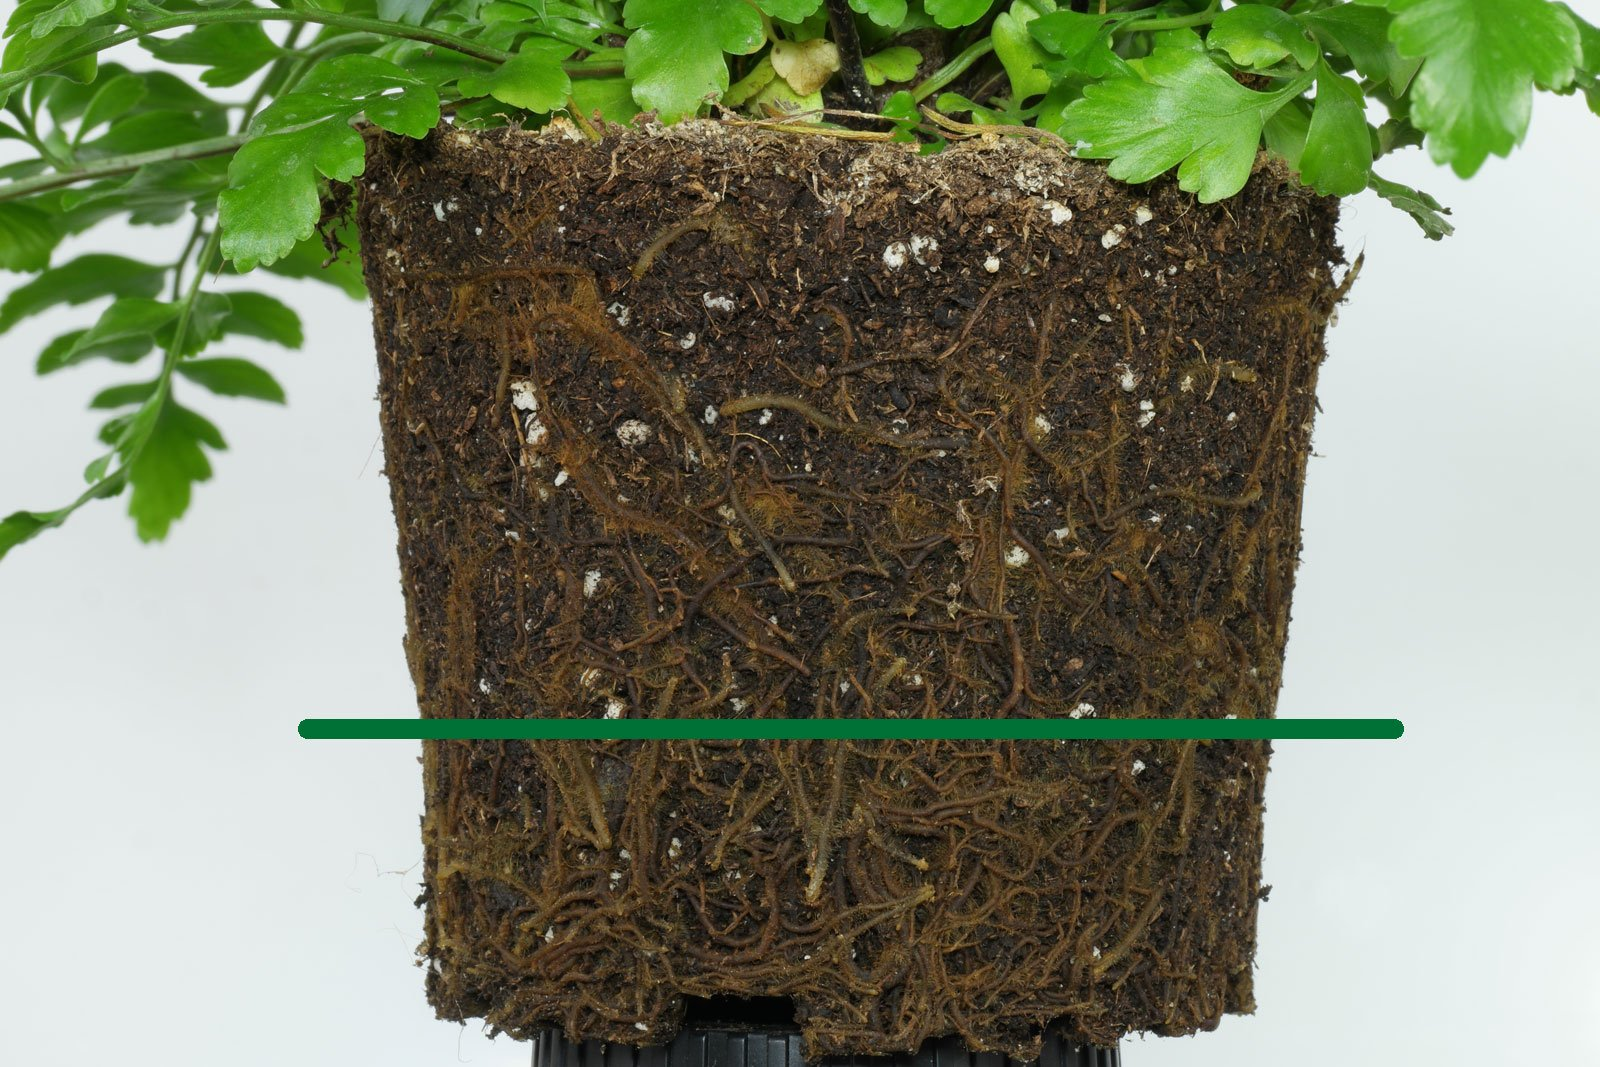 Asplenium dimorphum roots